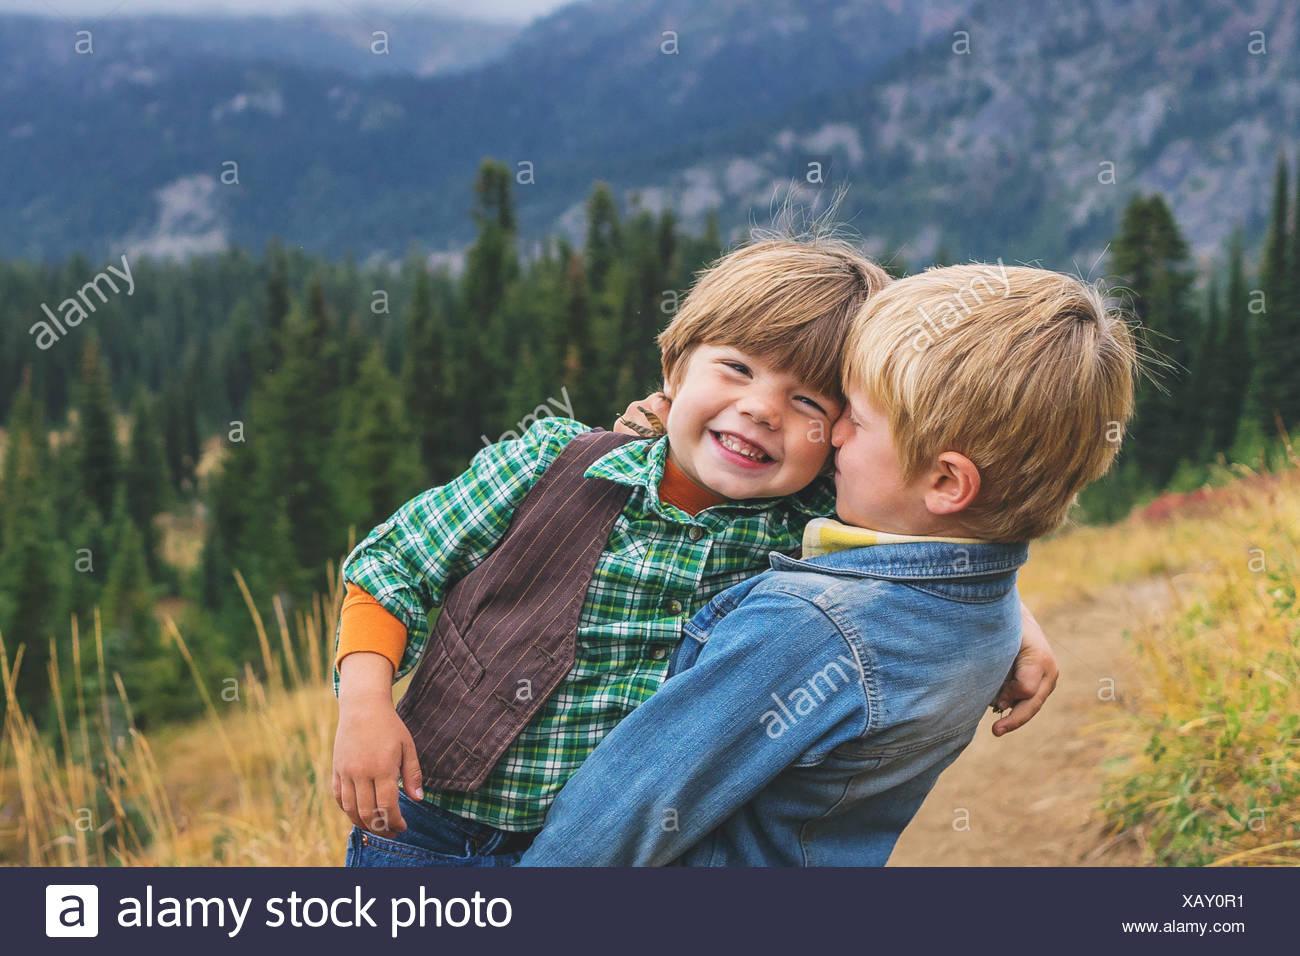 Dos niños sonrientes jugando Imagen De Stock